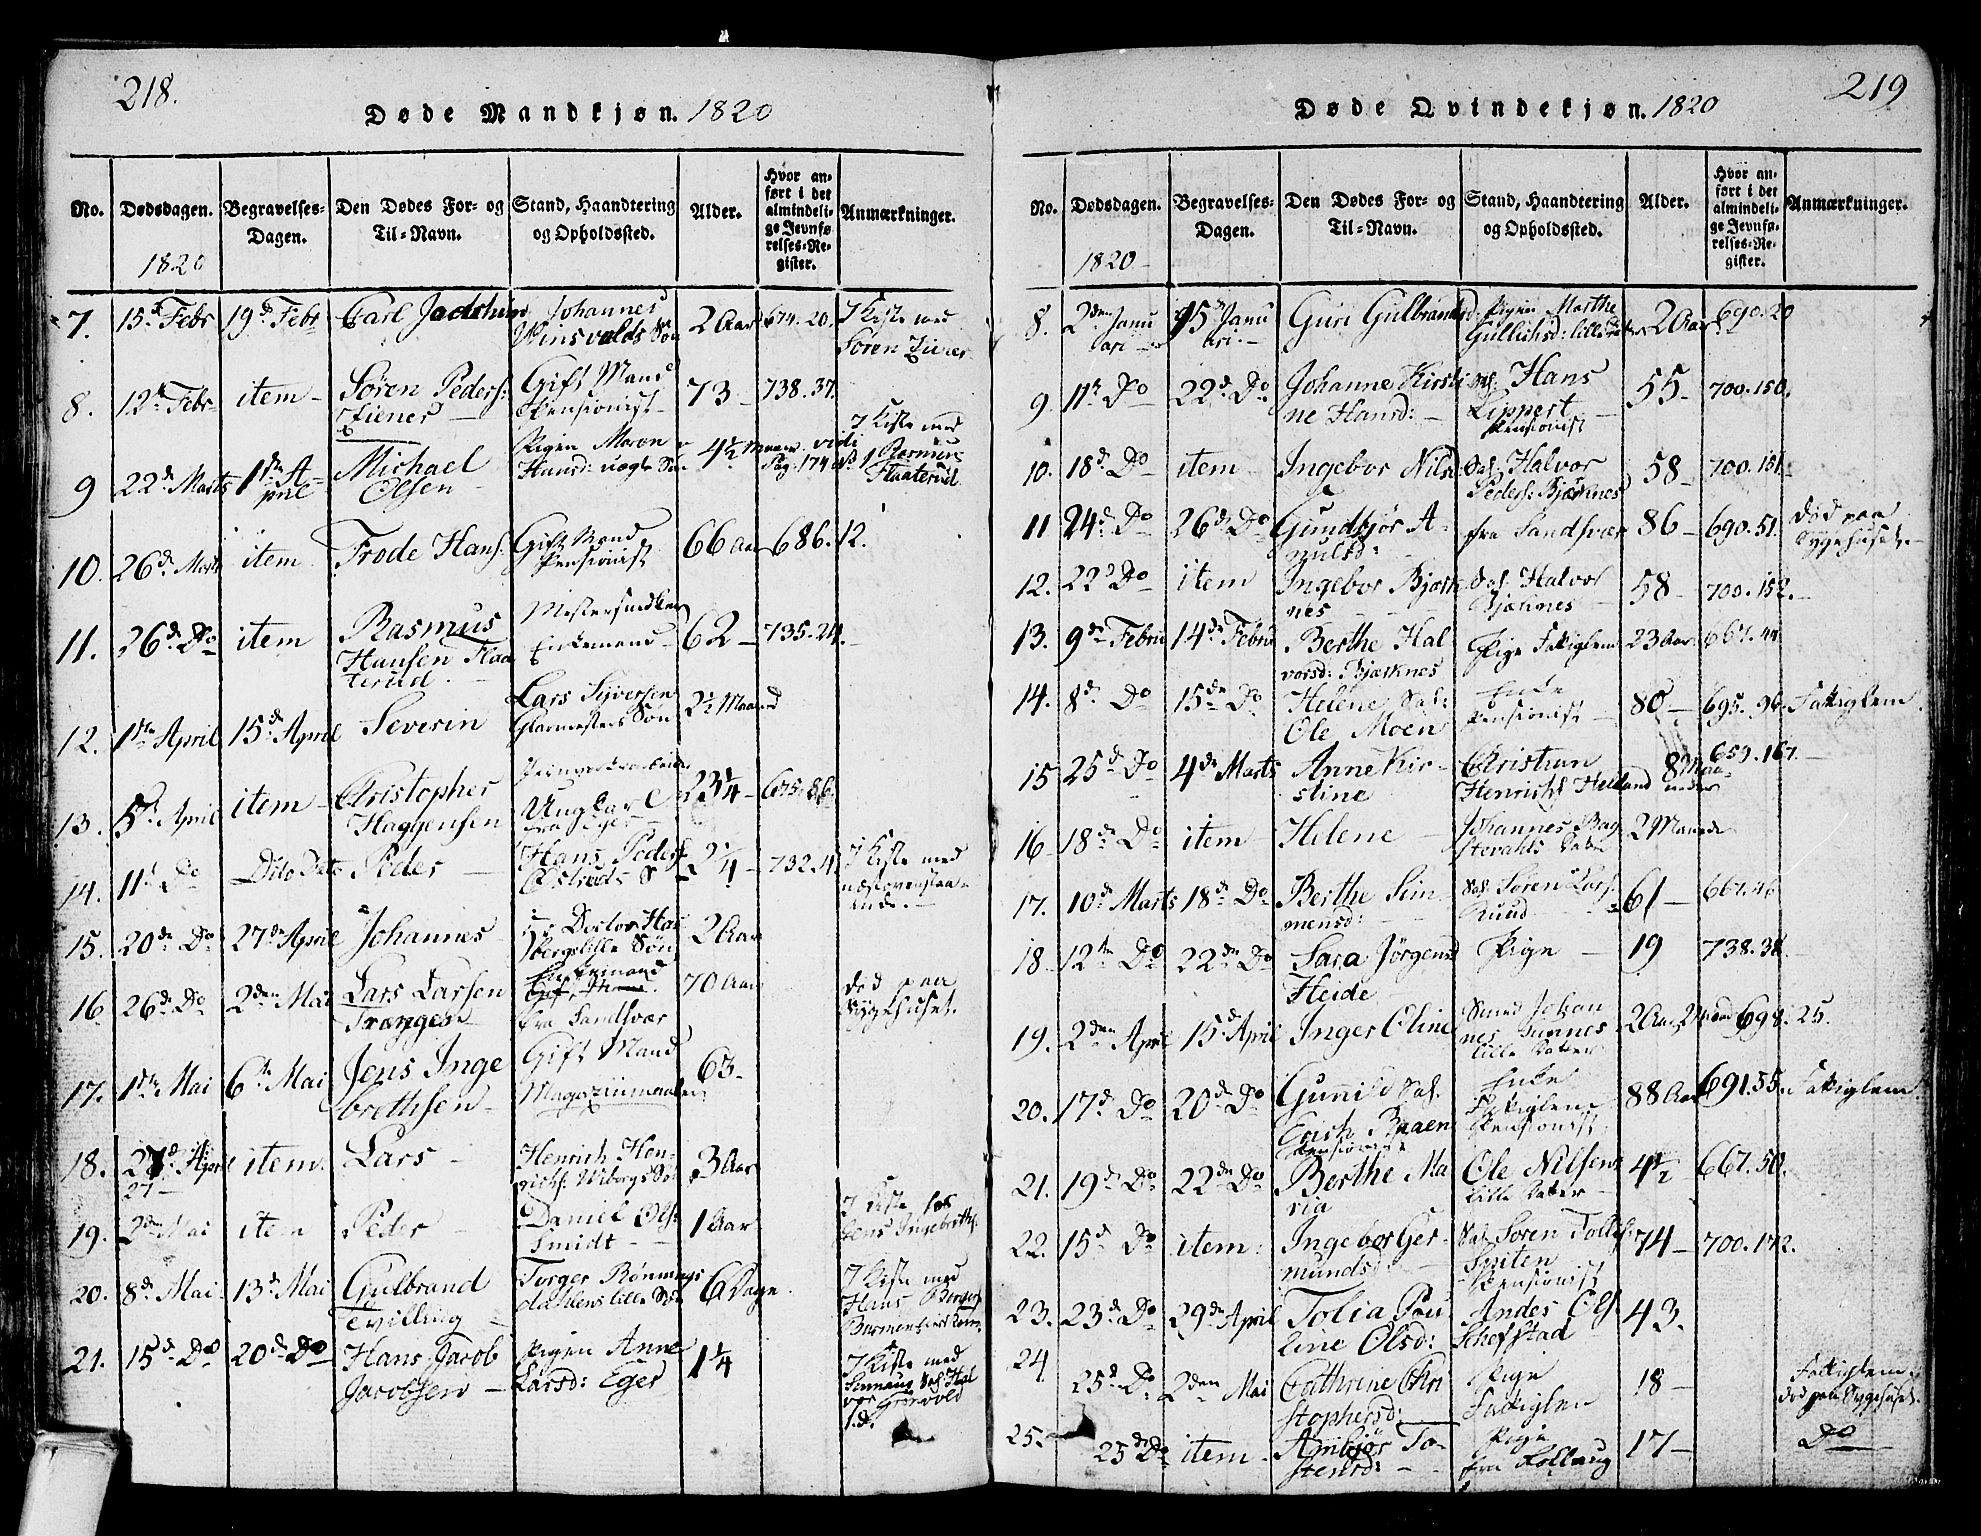 SAKO, Kongsberg kirkebøker, G/Ga/L0001: Klokkerbok nr. 1, 1816-1839, s. 218-219